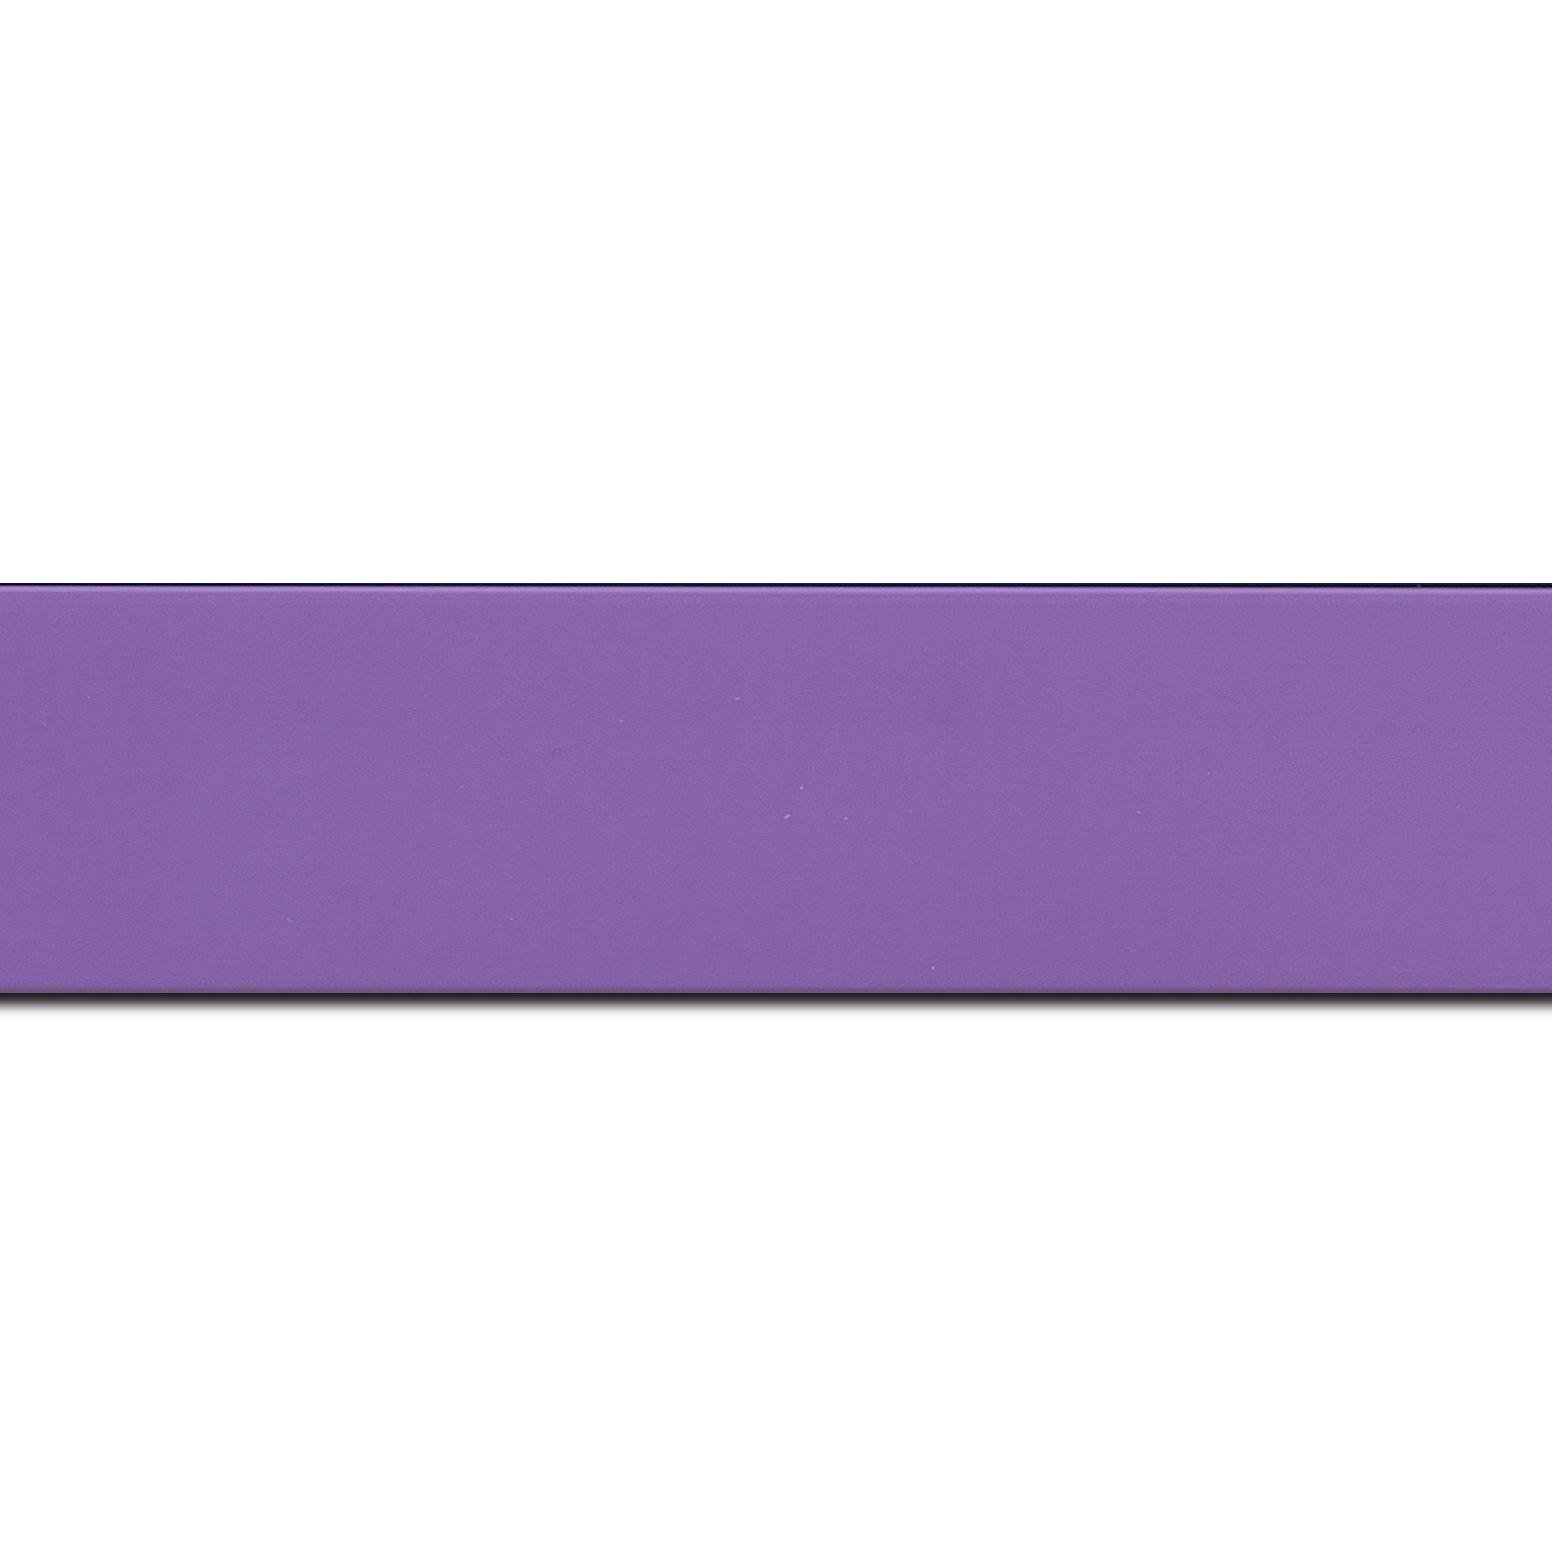 Pack par 12m, bois profil plat largeur 3.9cm couleur violet mat (longueur baguette pouvant varier entre 2.40m et 3m selon arrivage des bois)